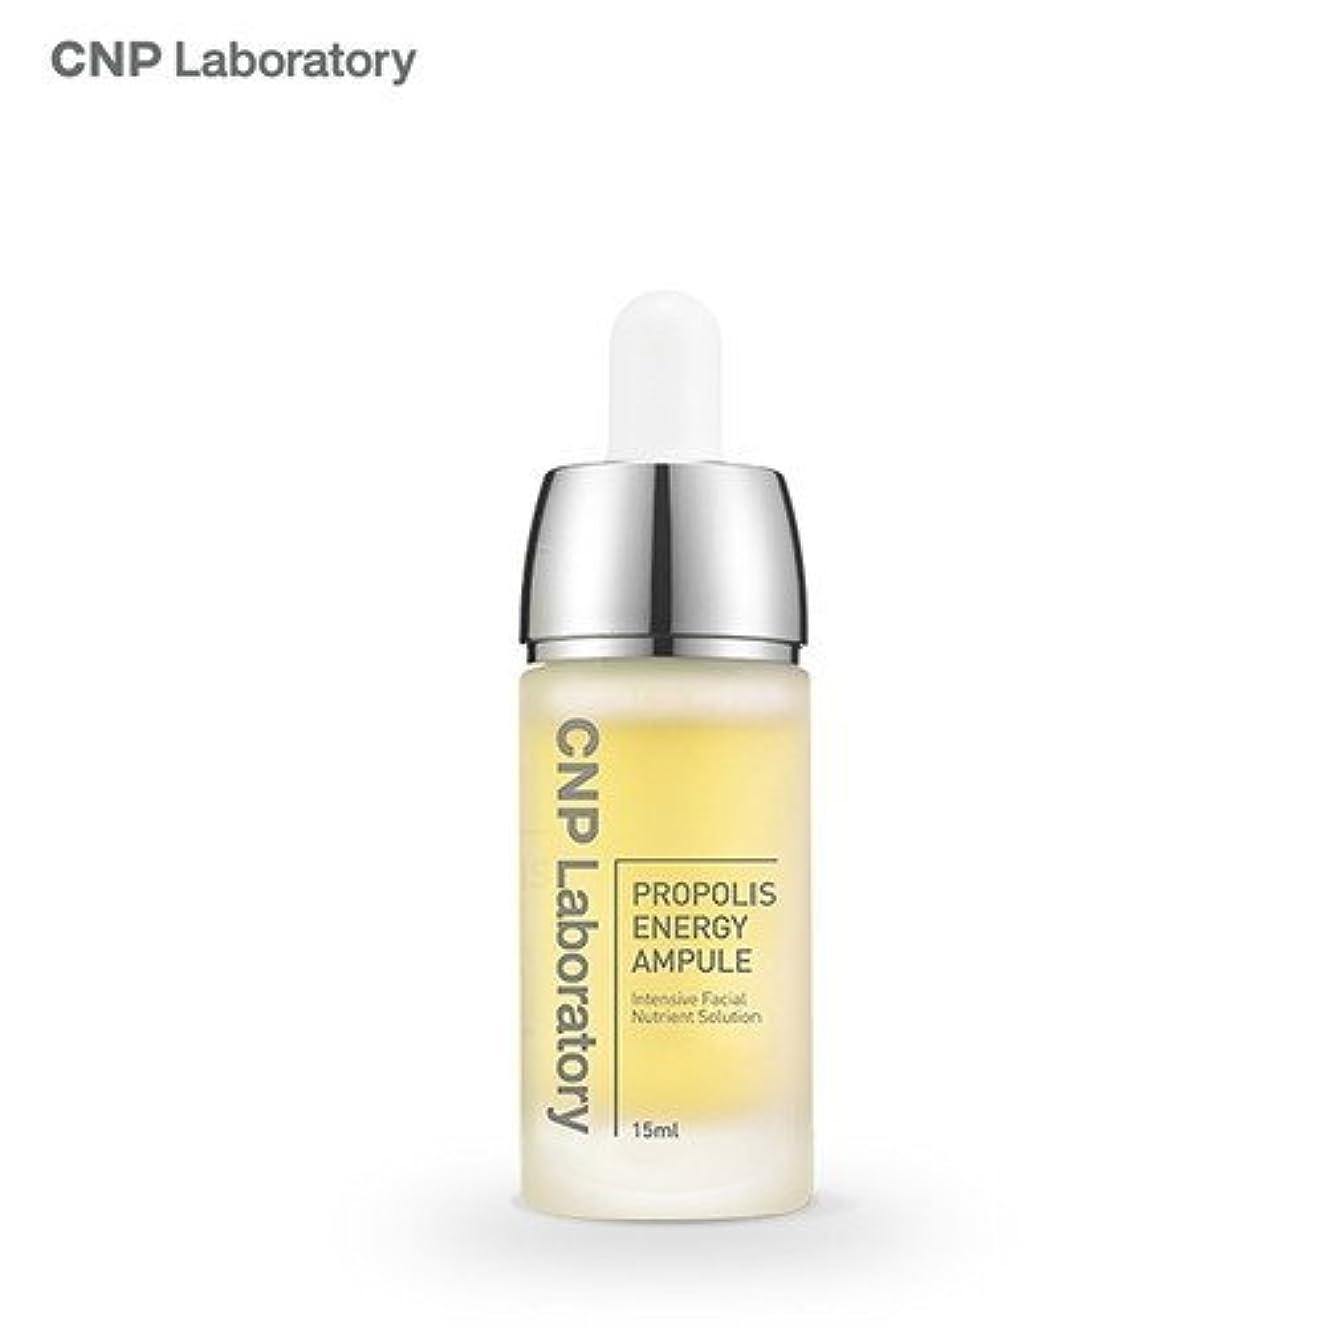 スキャンダル依存する黒人チャエンパク プロポリスエネルギーアンプル 15ml / CNP Propolis Energy Ampule, Intensive Facial Nutrient Solution 15ml